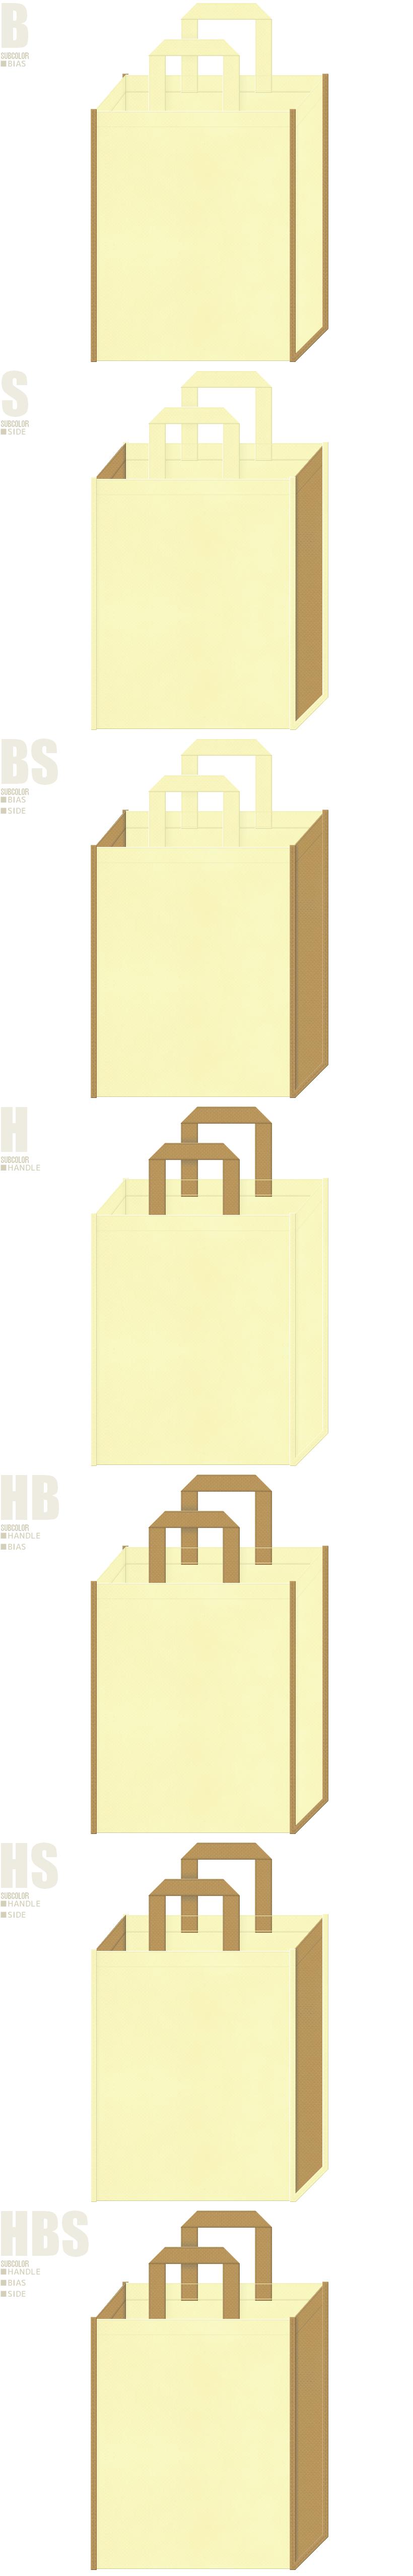 工作・木工・DIY・カレーパン・ベーカリー・マロンケーキ・スイーツにお奨めの不織布バッグデザイン:薄黄色と金黄土色の配色7パターン。